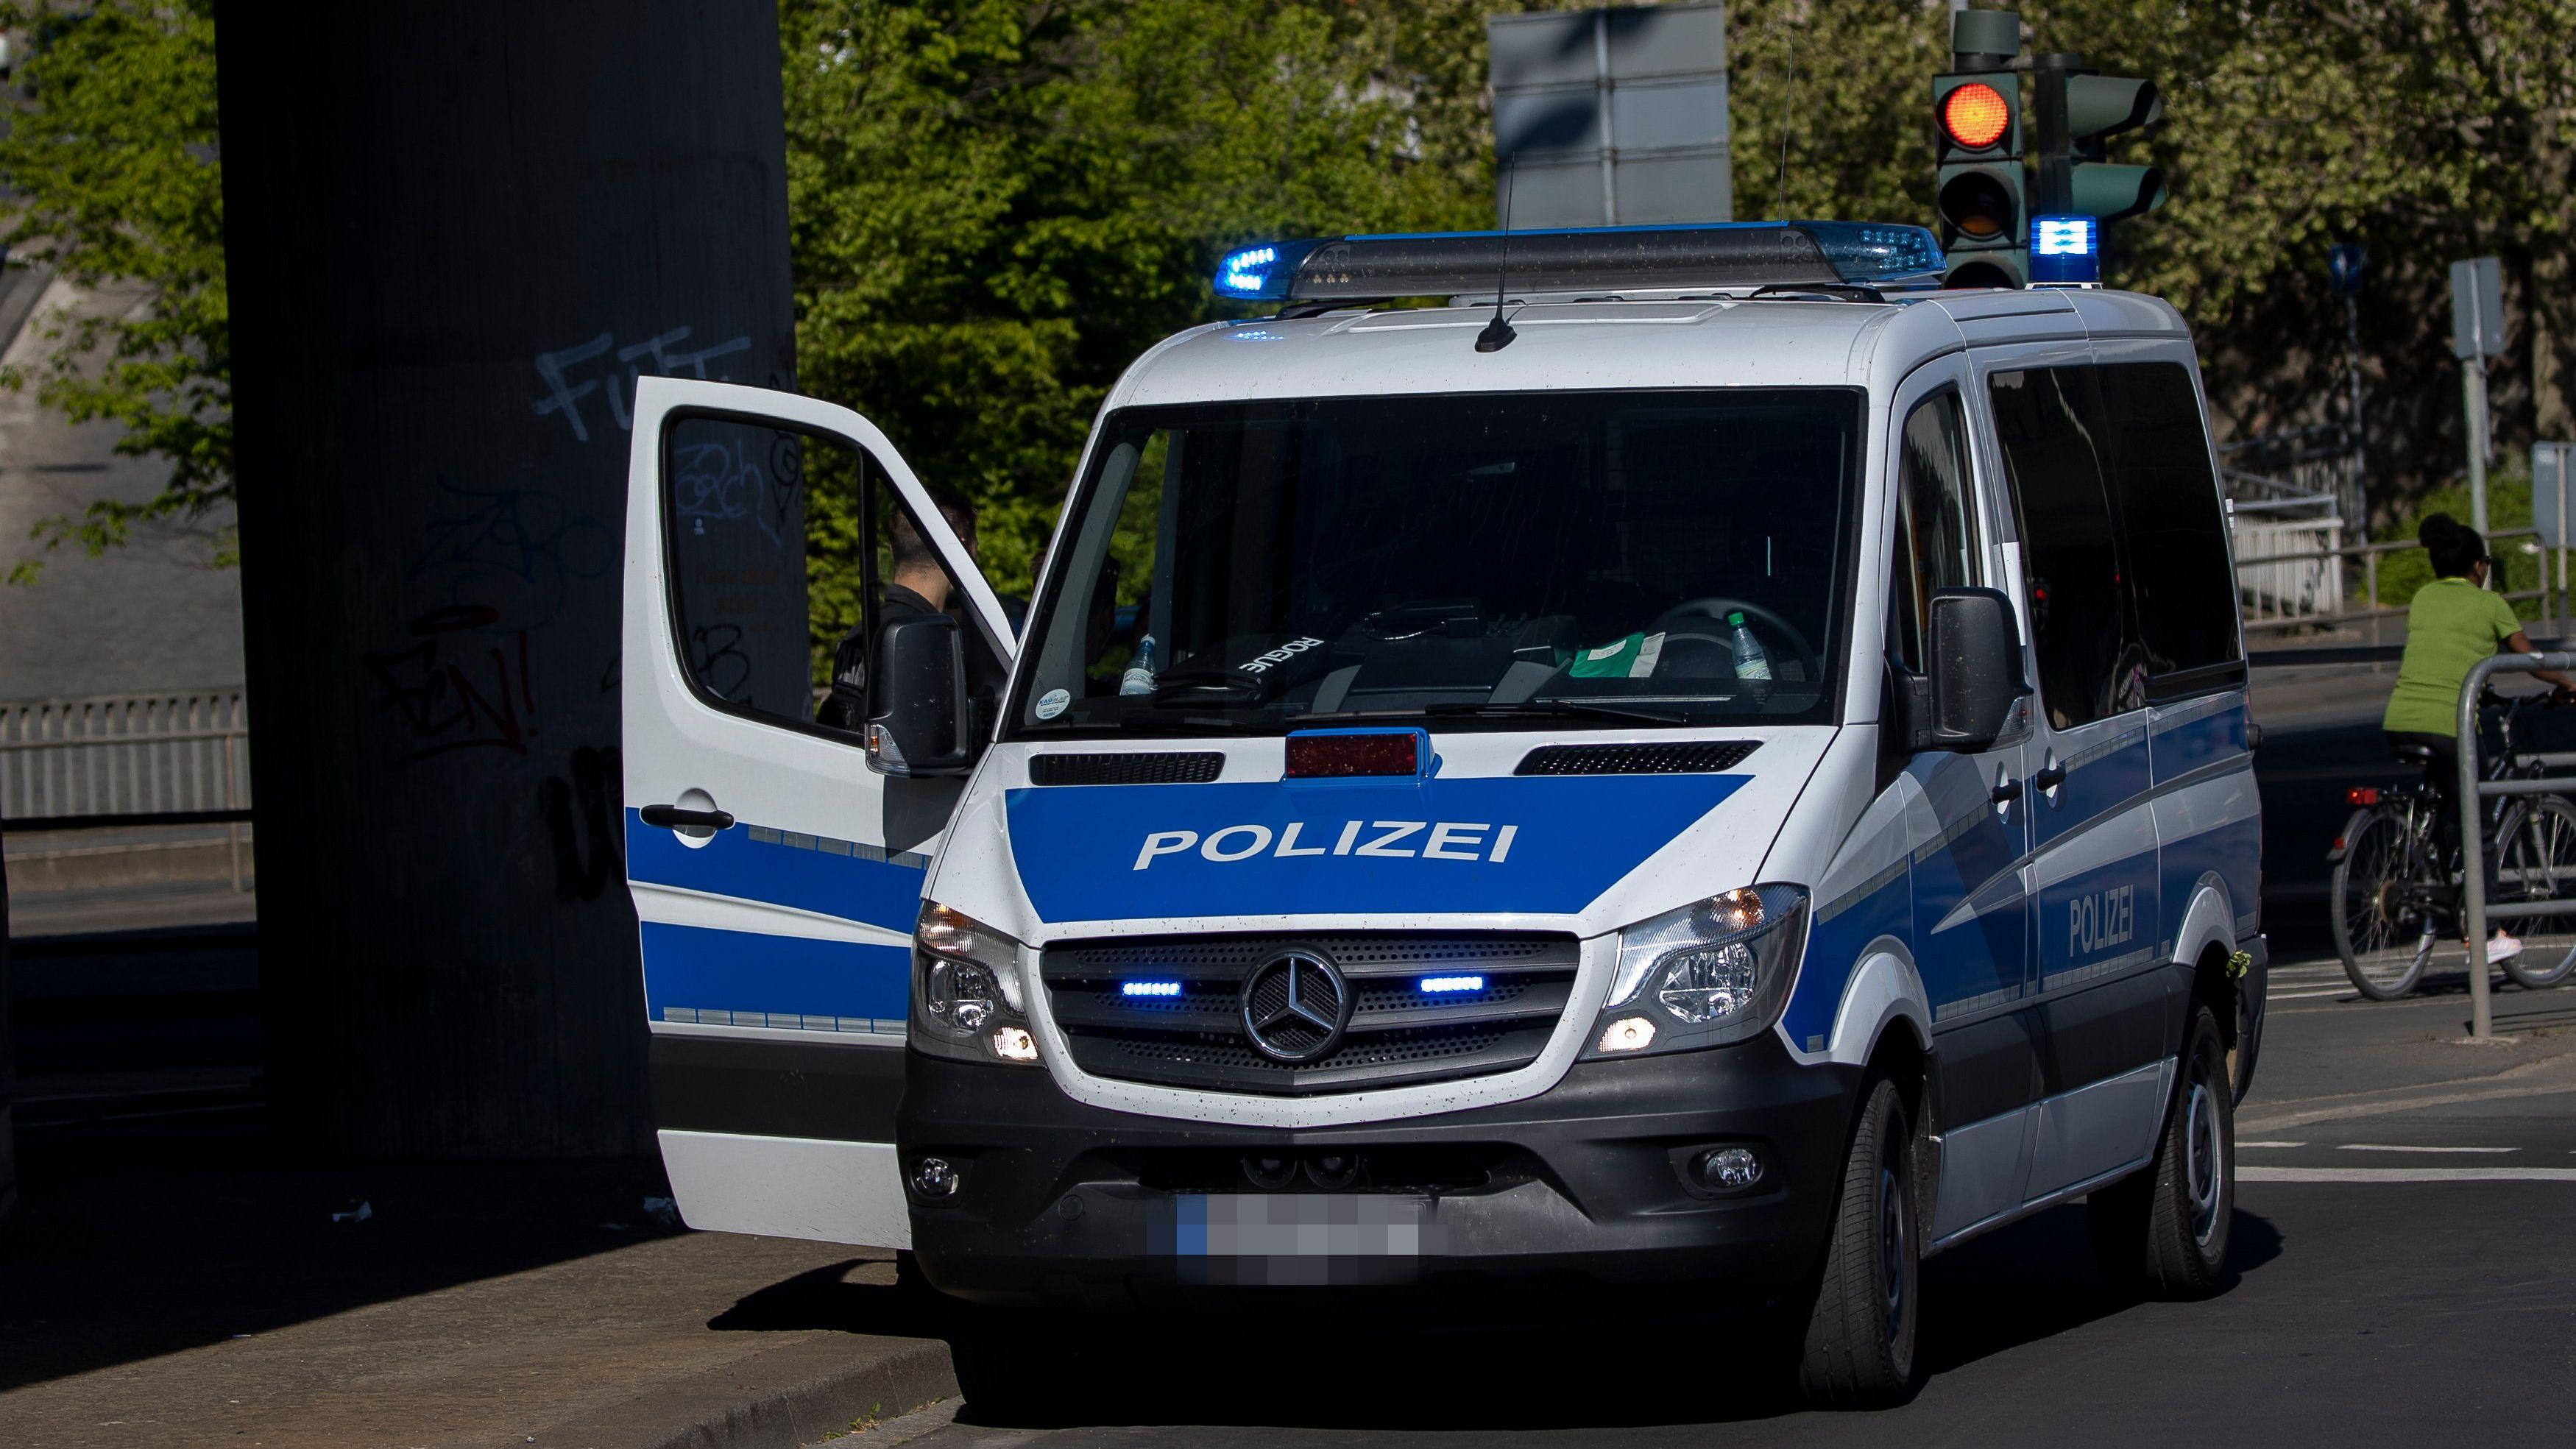 Eine Routinekontrolle der Polizei in Würzburg, aufgenommen am 26. April 2020.